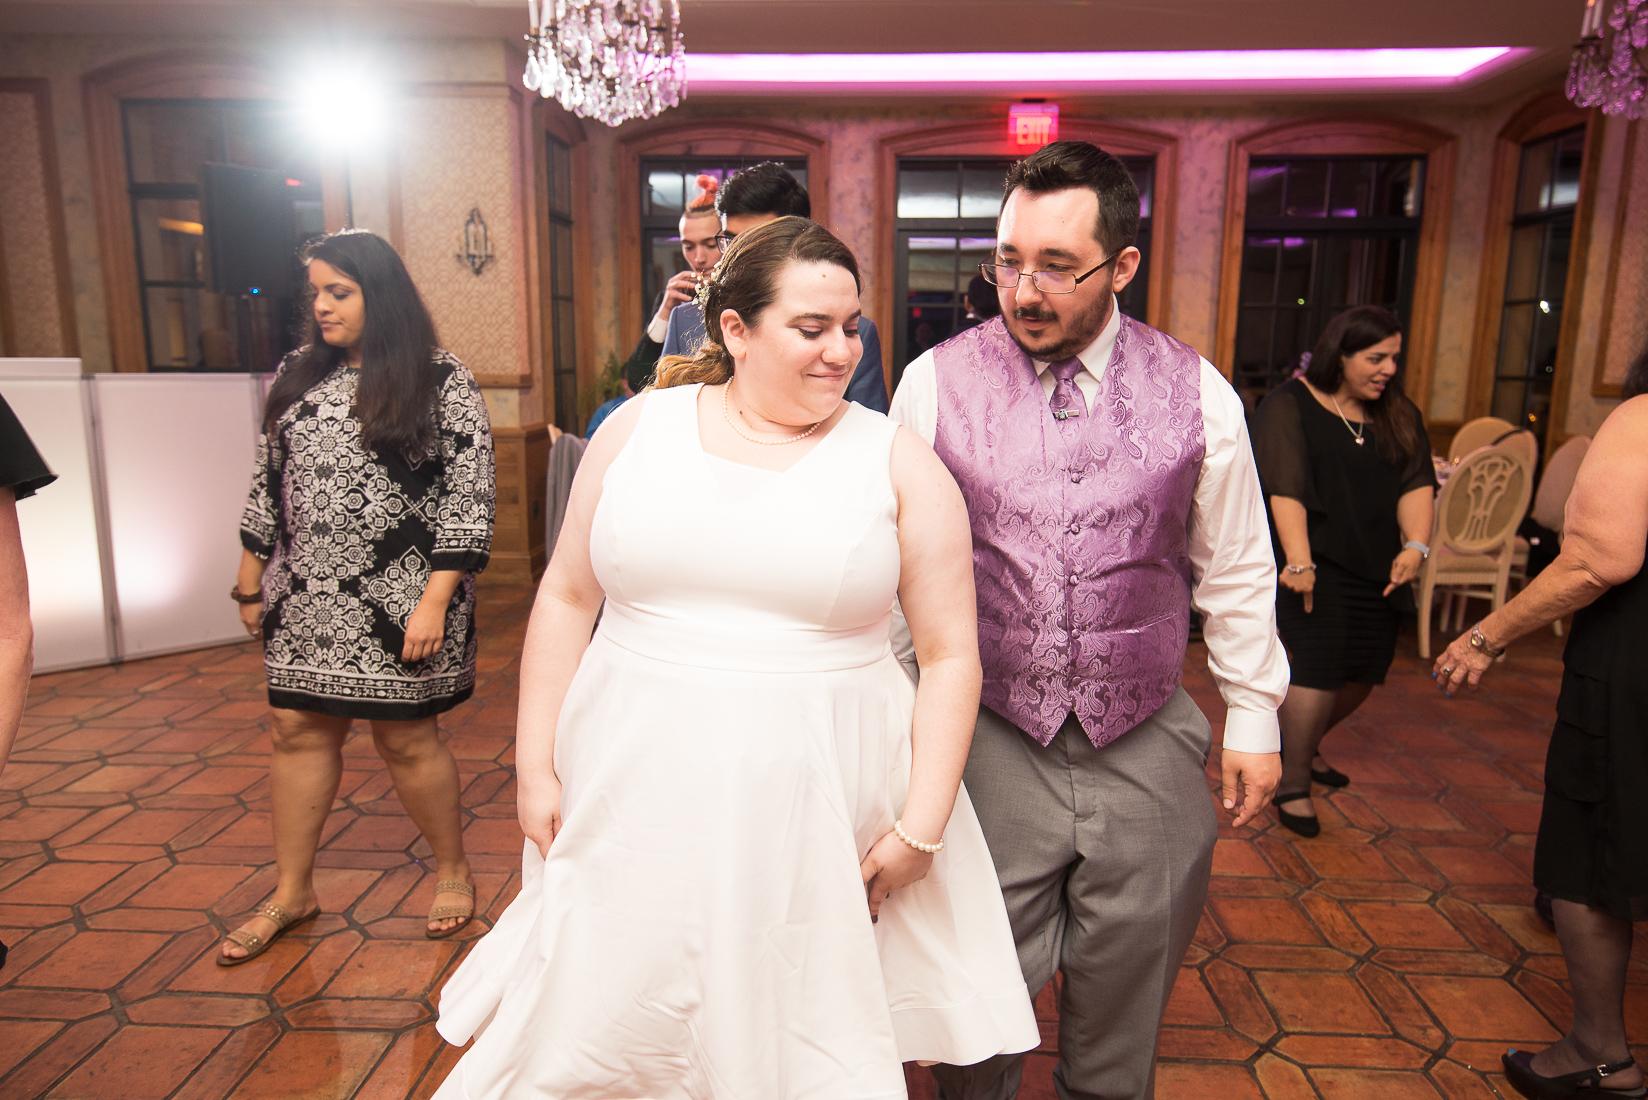 Manor-SouthOrange-NJ-wedding-0045.jpg